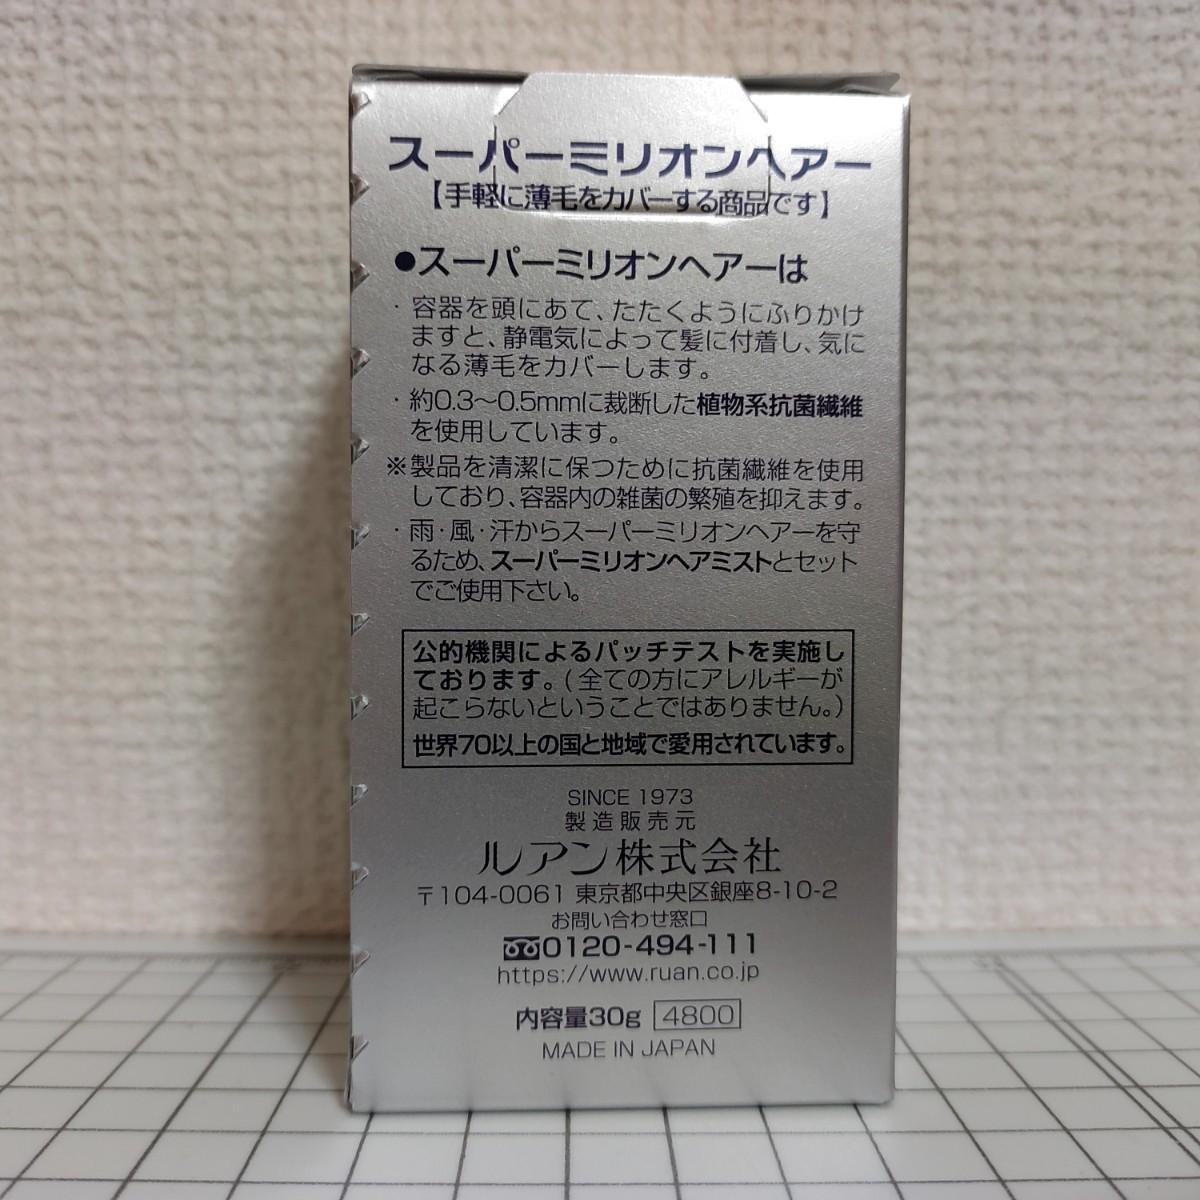 スーパーミリオンヘアー ブラック 30g 4箱 新品・未開封